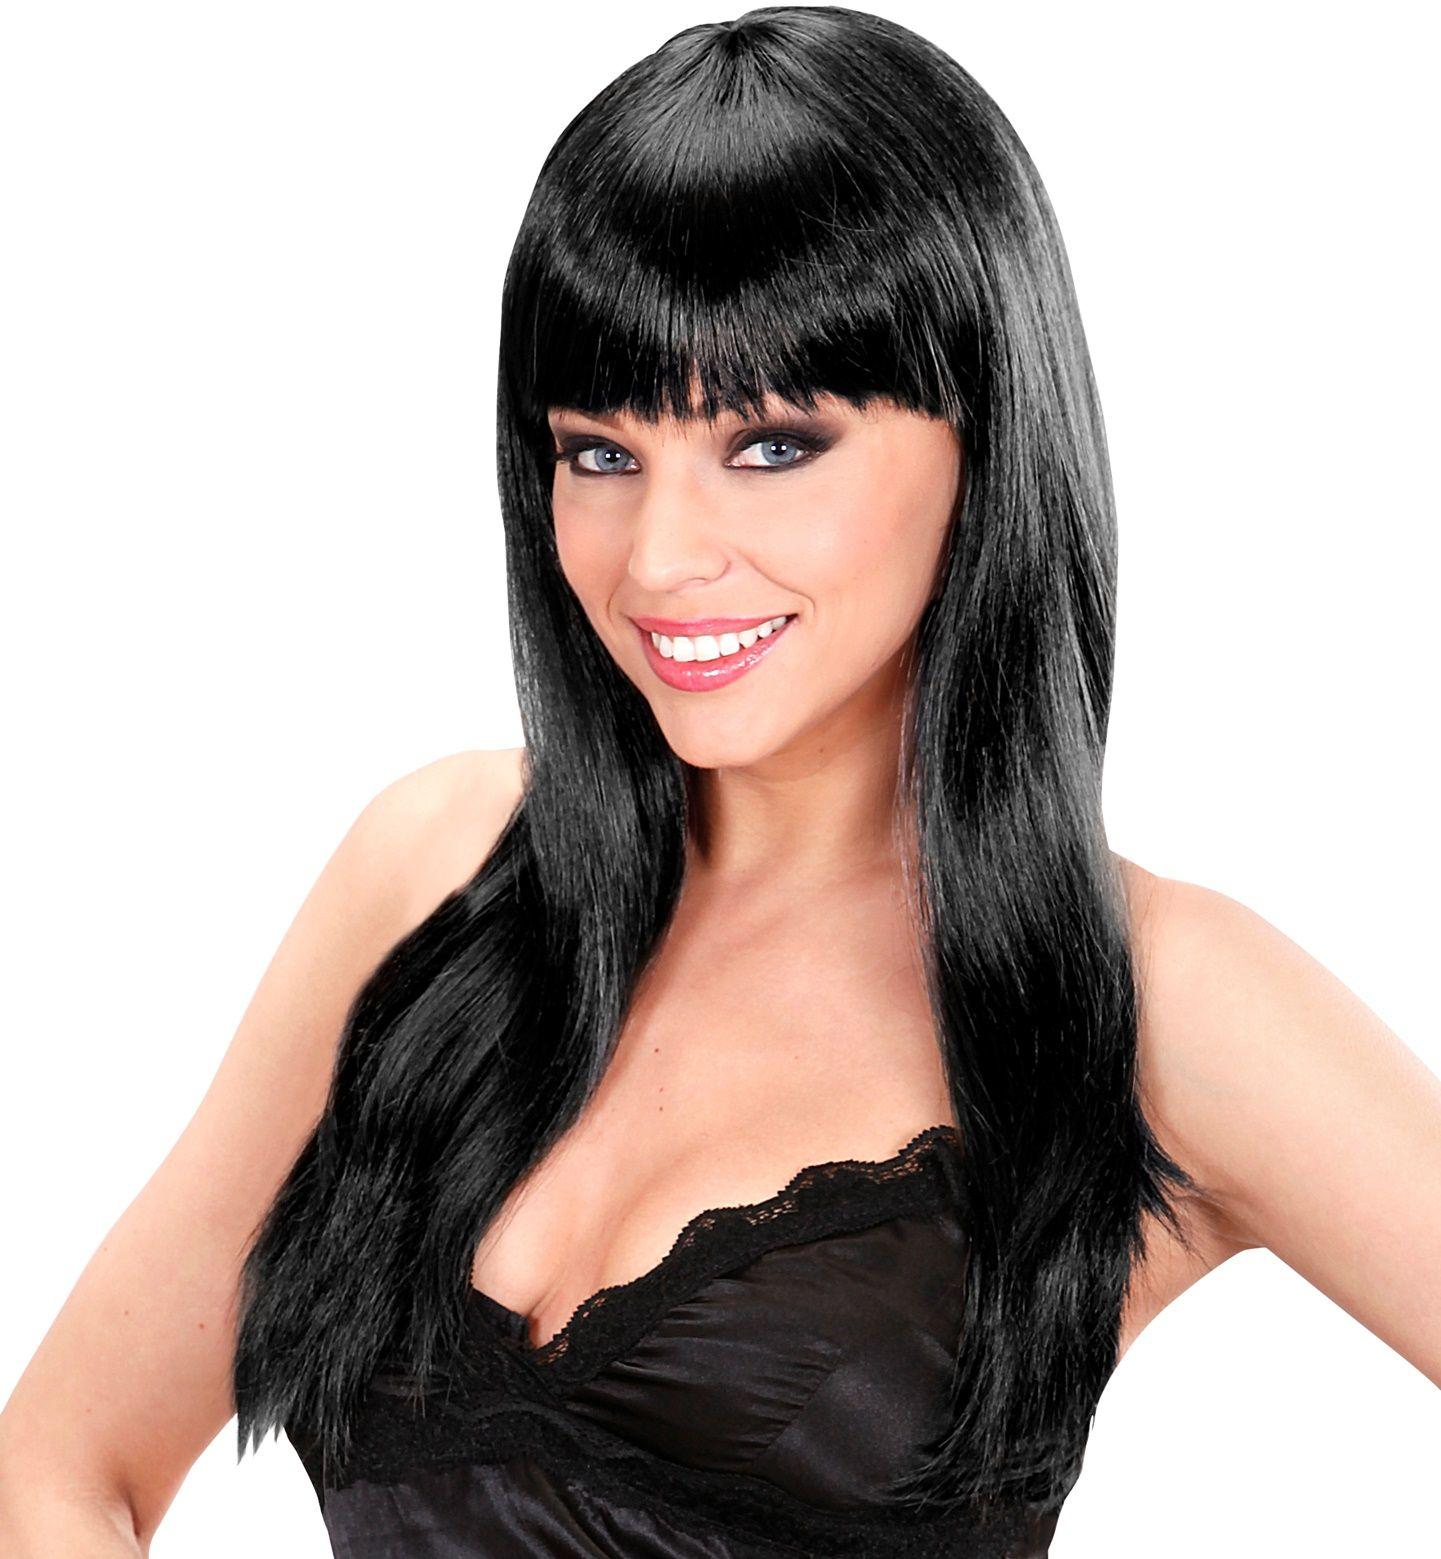 Zwarte beauty pruik lang haar